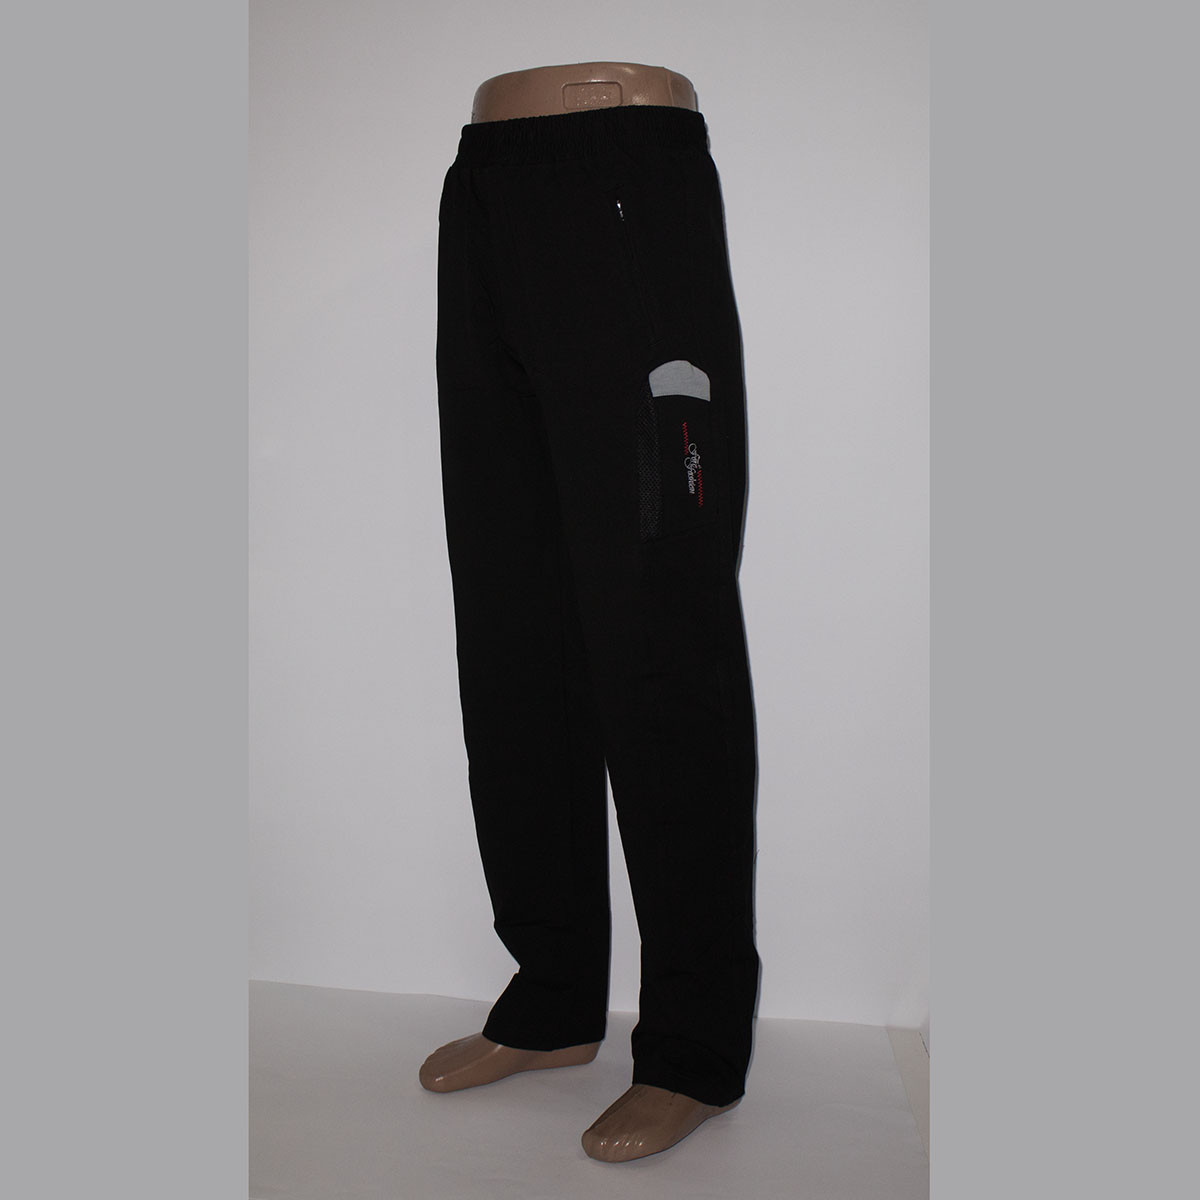 Спортивные брюки мужские трикотажные Турция тм. FORE арт.9226